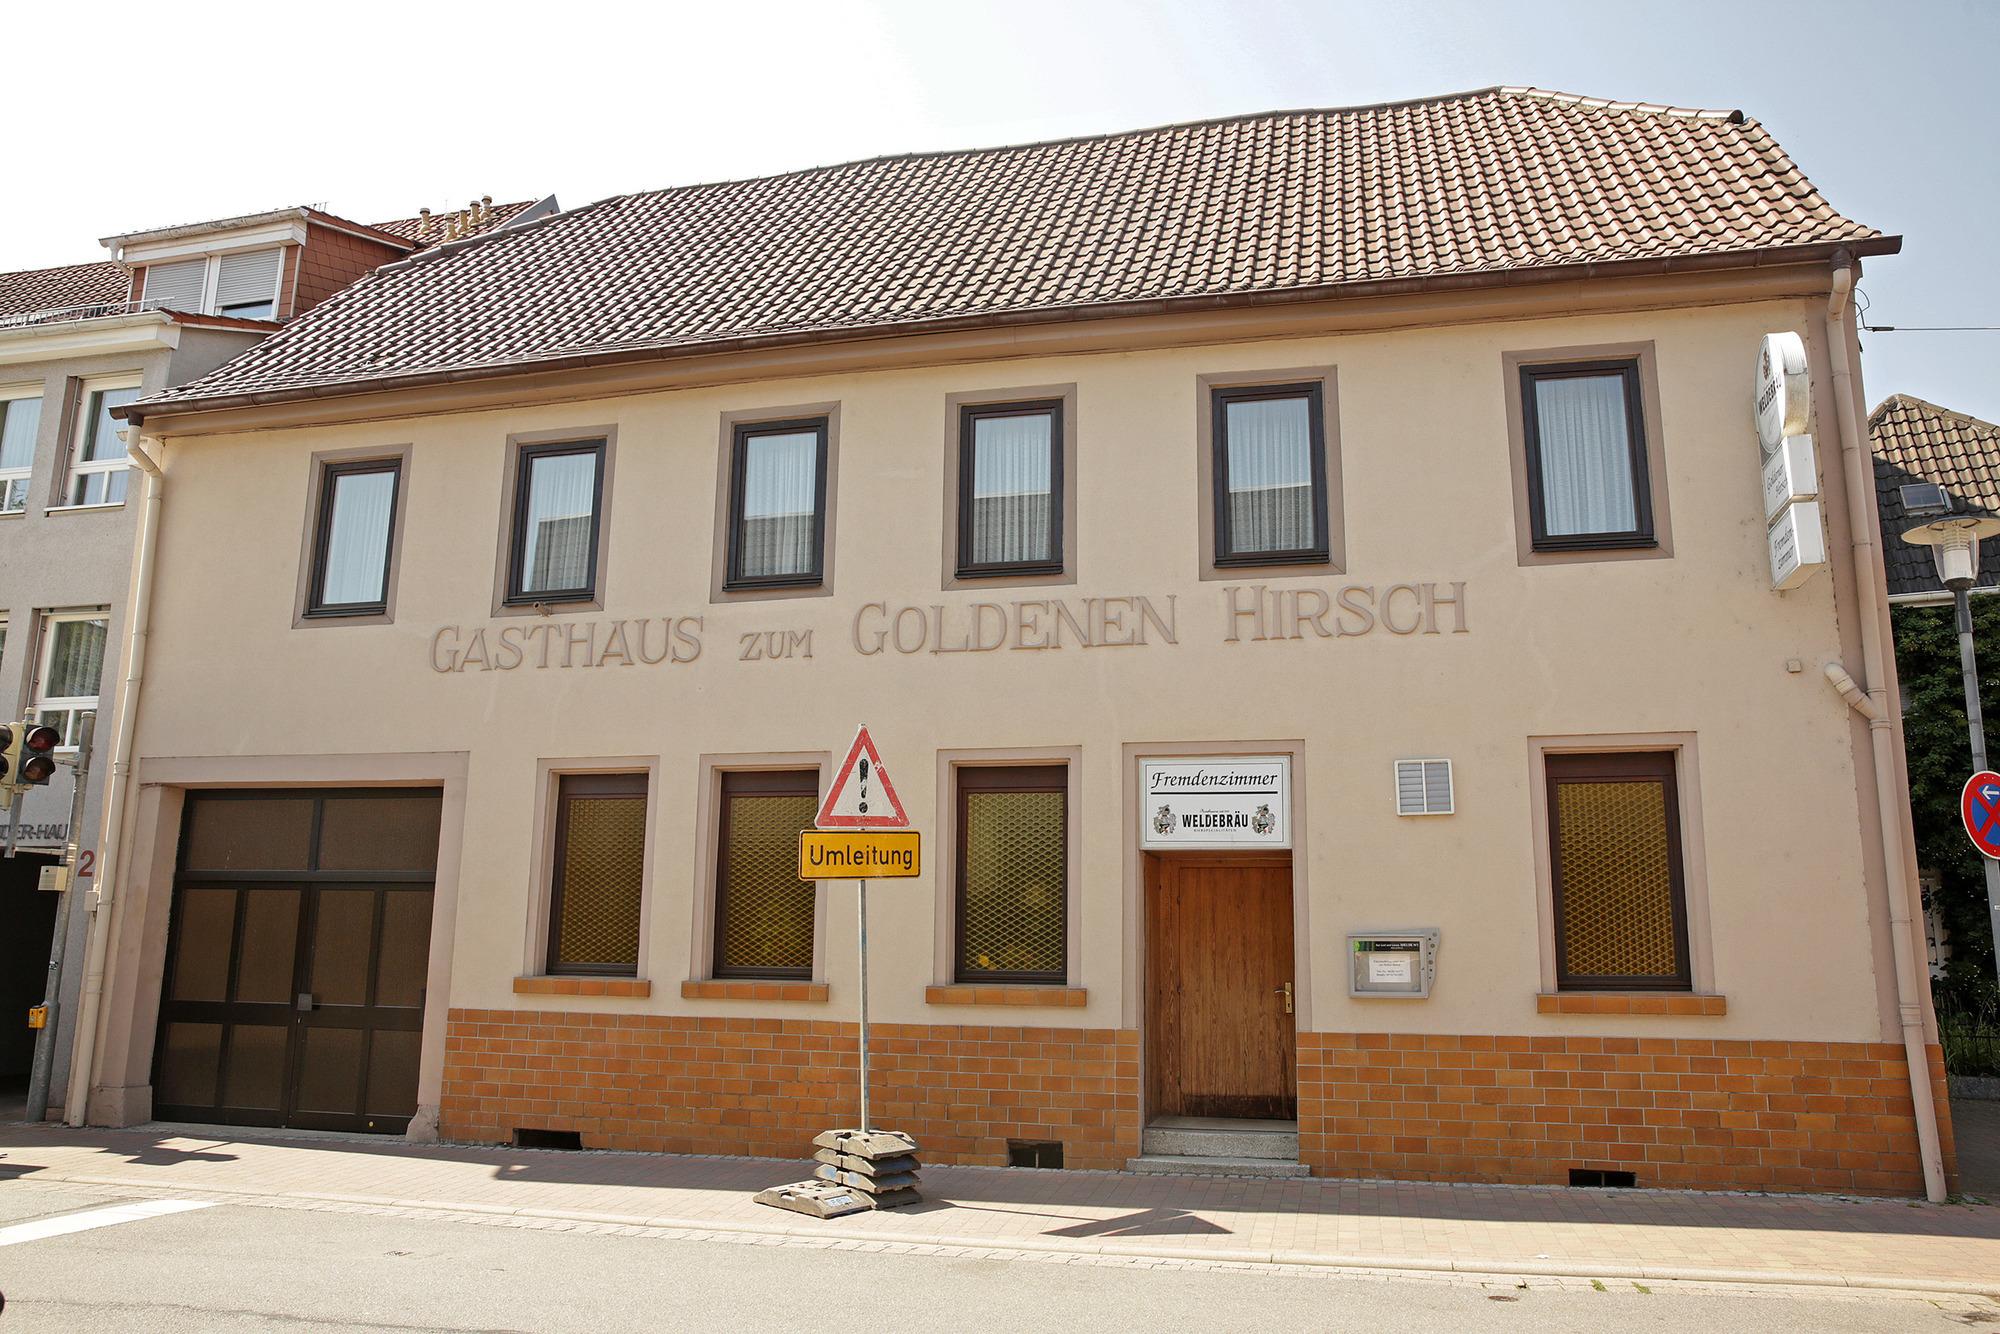 Oftersheim Goldener Hirsch Als Symbol Für Menschlichkeit